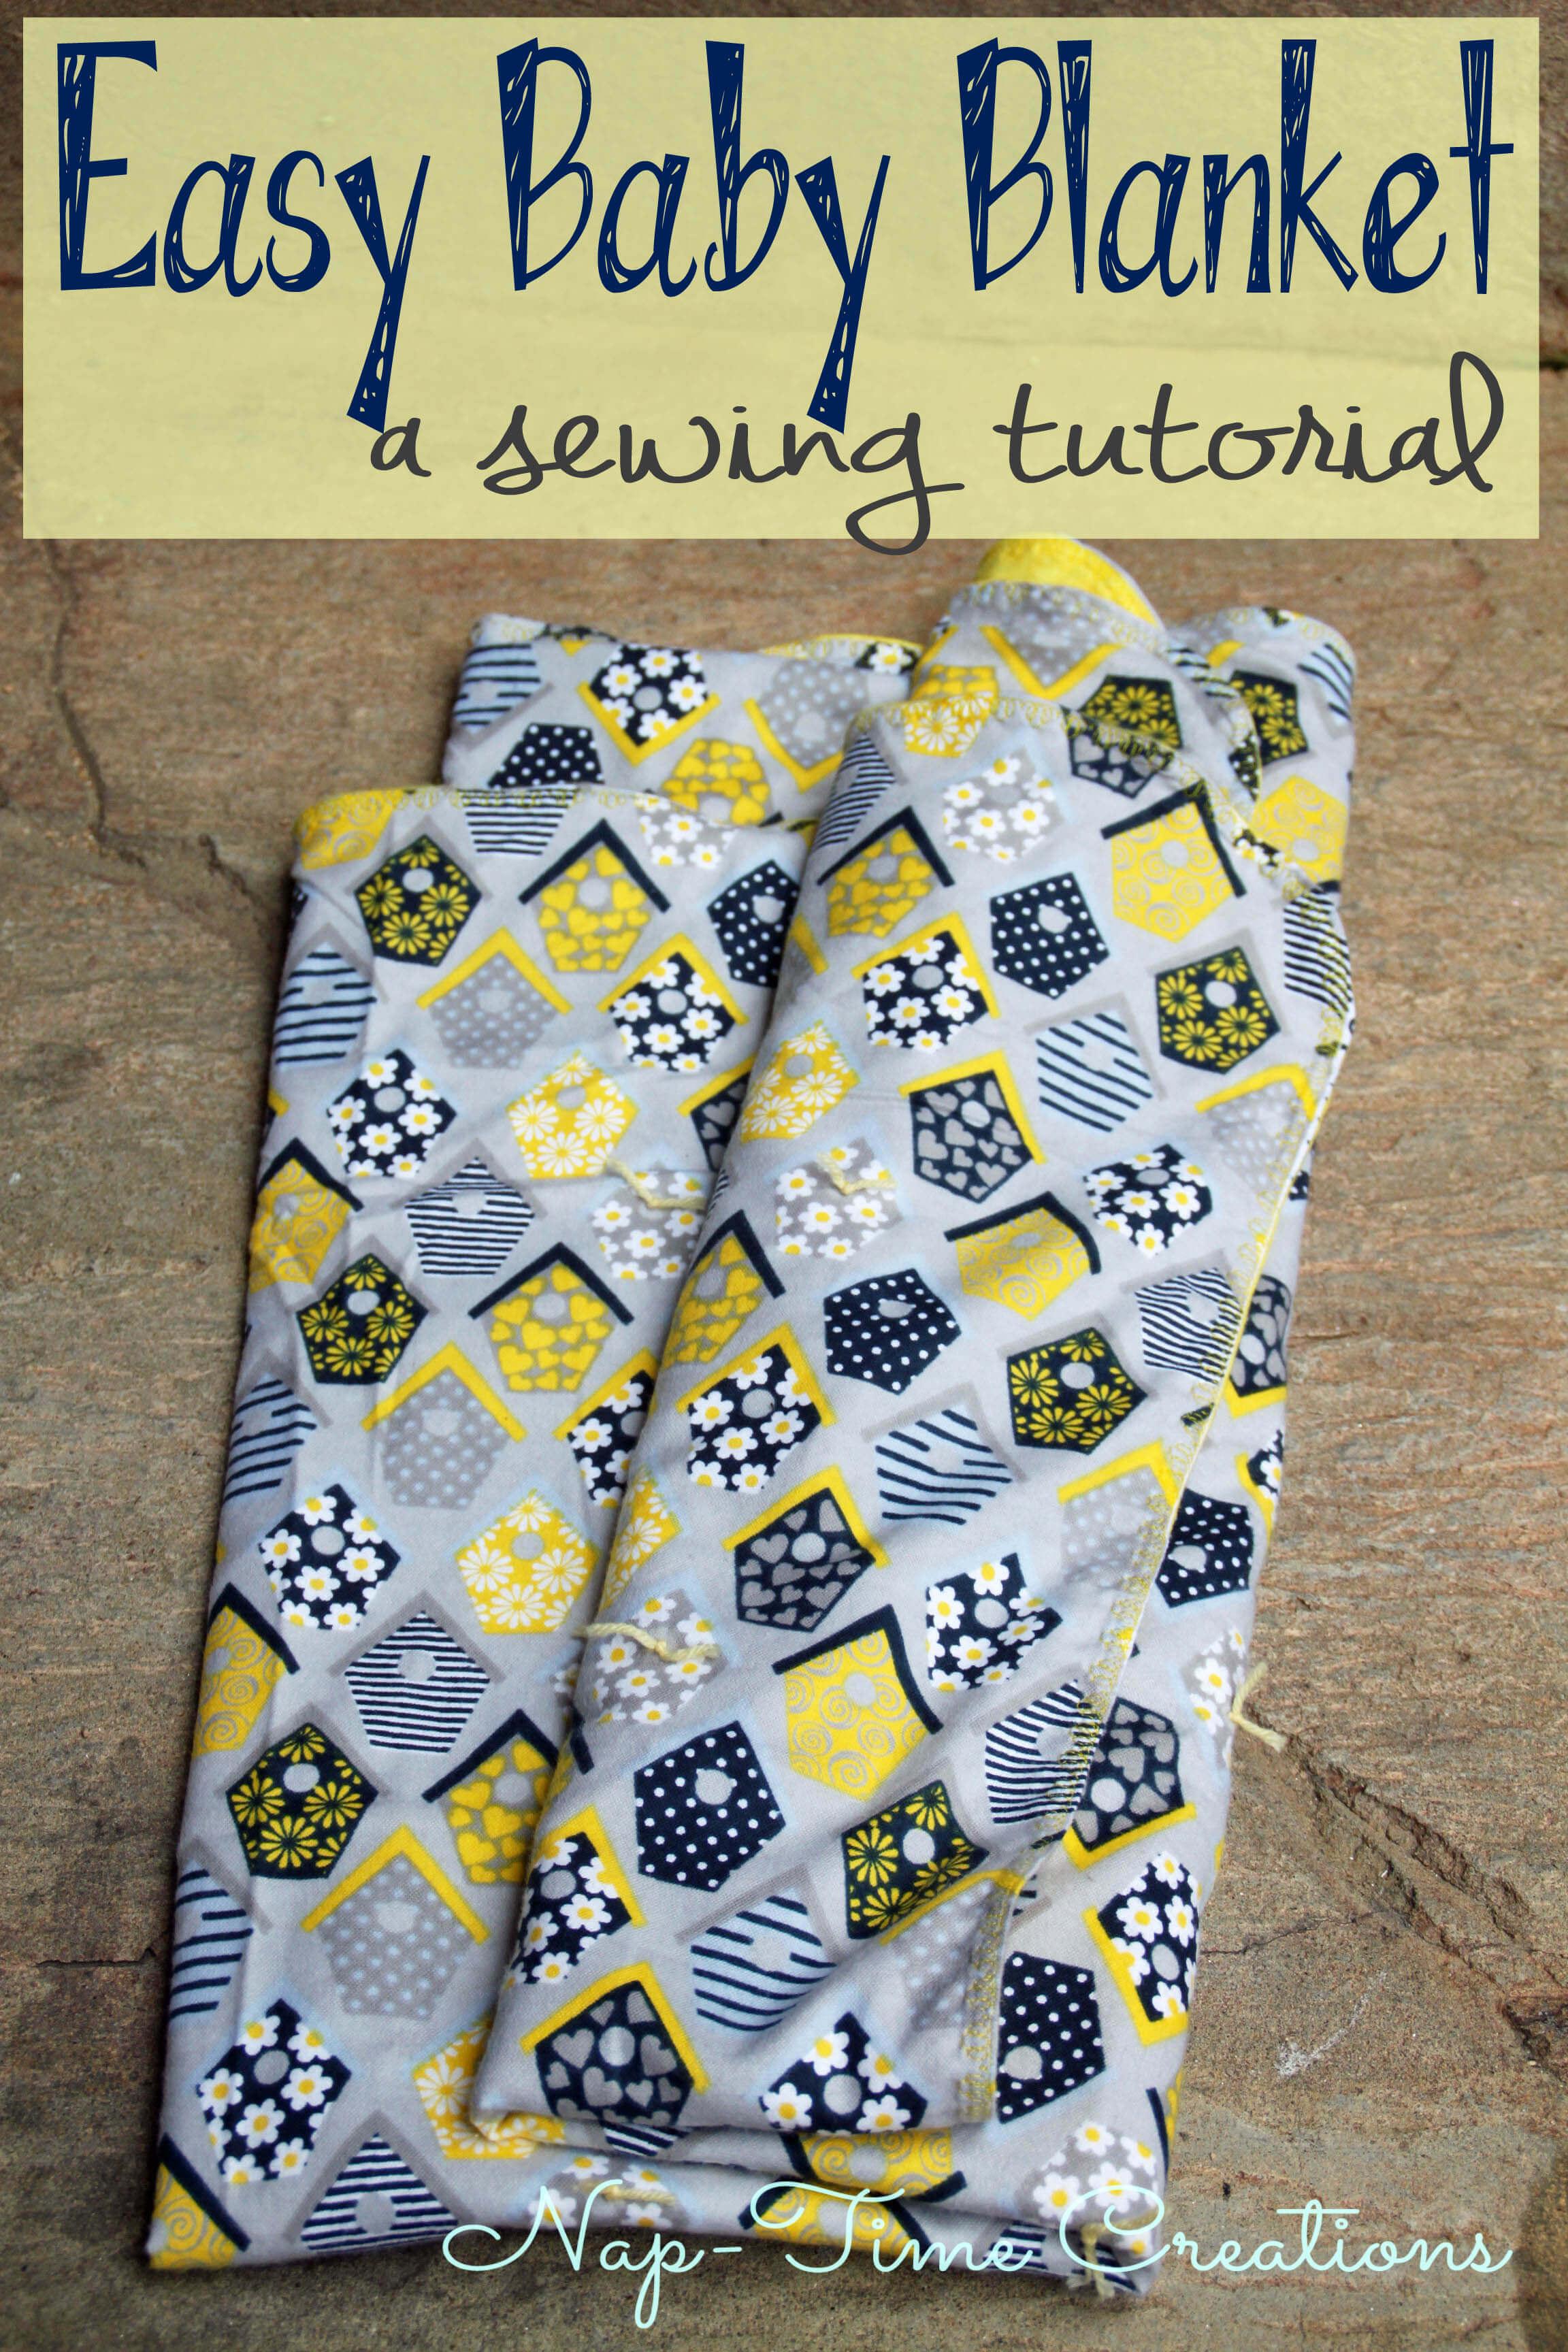 Easy Baby Blanket Sewing Tutorial